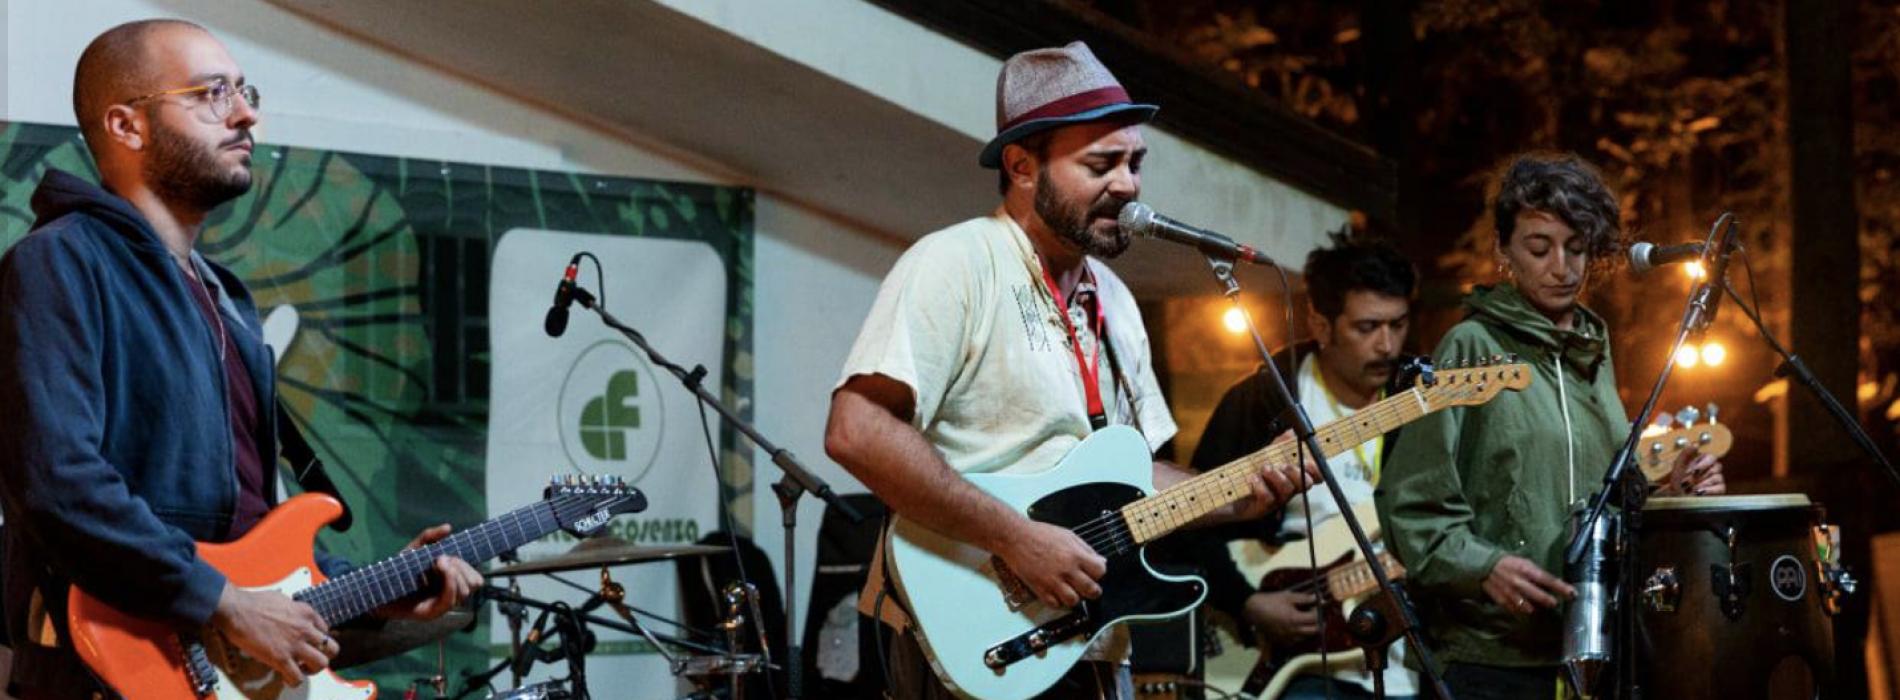 Tutti sintonizzati su Radio Tahuania, live la band a Casagiove